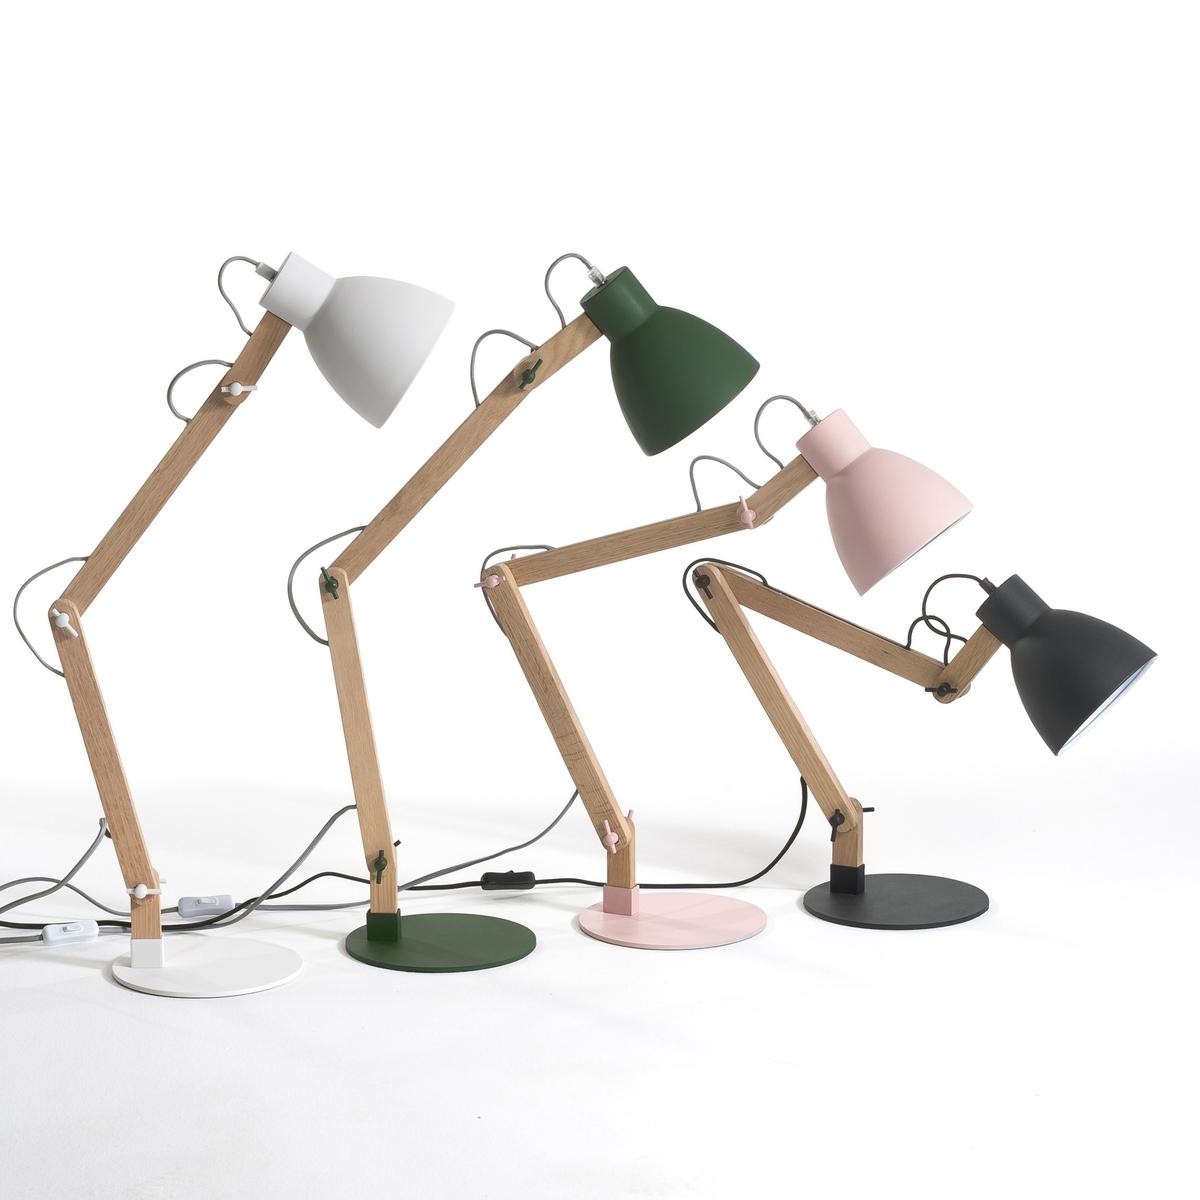 Лампа настольная ThaddeusНастольная лампа со свежим и простым дизайном, в скандинавском стиле, из необработанного дуба и металла с белым матовым эпоксидным покрытием . Электрический кабель из серого хлопка . Регулируемые лапка и абажур с крепежом из металла . Патрон E27 для флюокомпактной лампочки макс 20W (не входит в комплект)  . Размеры (в обычном положении). Д.45 x Г.20 см x высота ок.7 см.Этот светильник совместим с лампочками    энергетического класса   A .Это изделие может подойти для детской комнаты ( с 14 лет) в зависимости от действующих норм  .<br><br>Цвет: белый,розовый,хаки,черный<br>Размер: единый размер.единый размер.единый размер